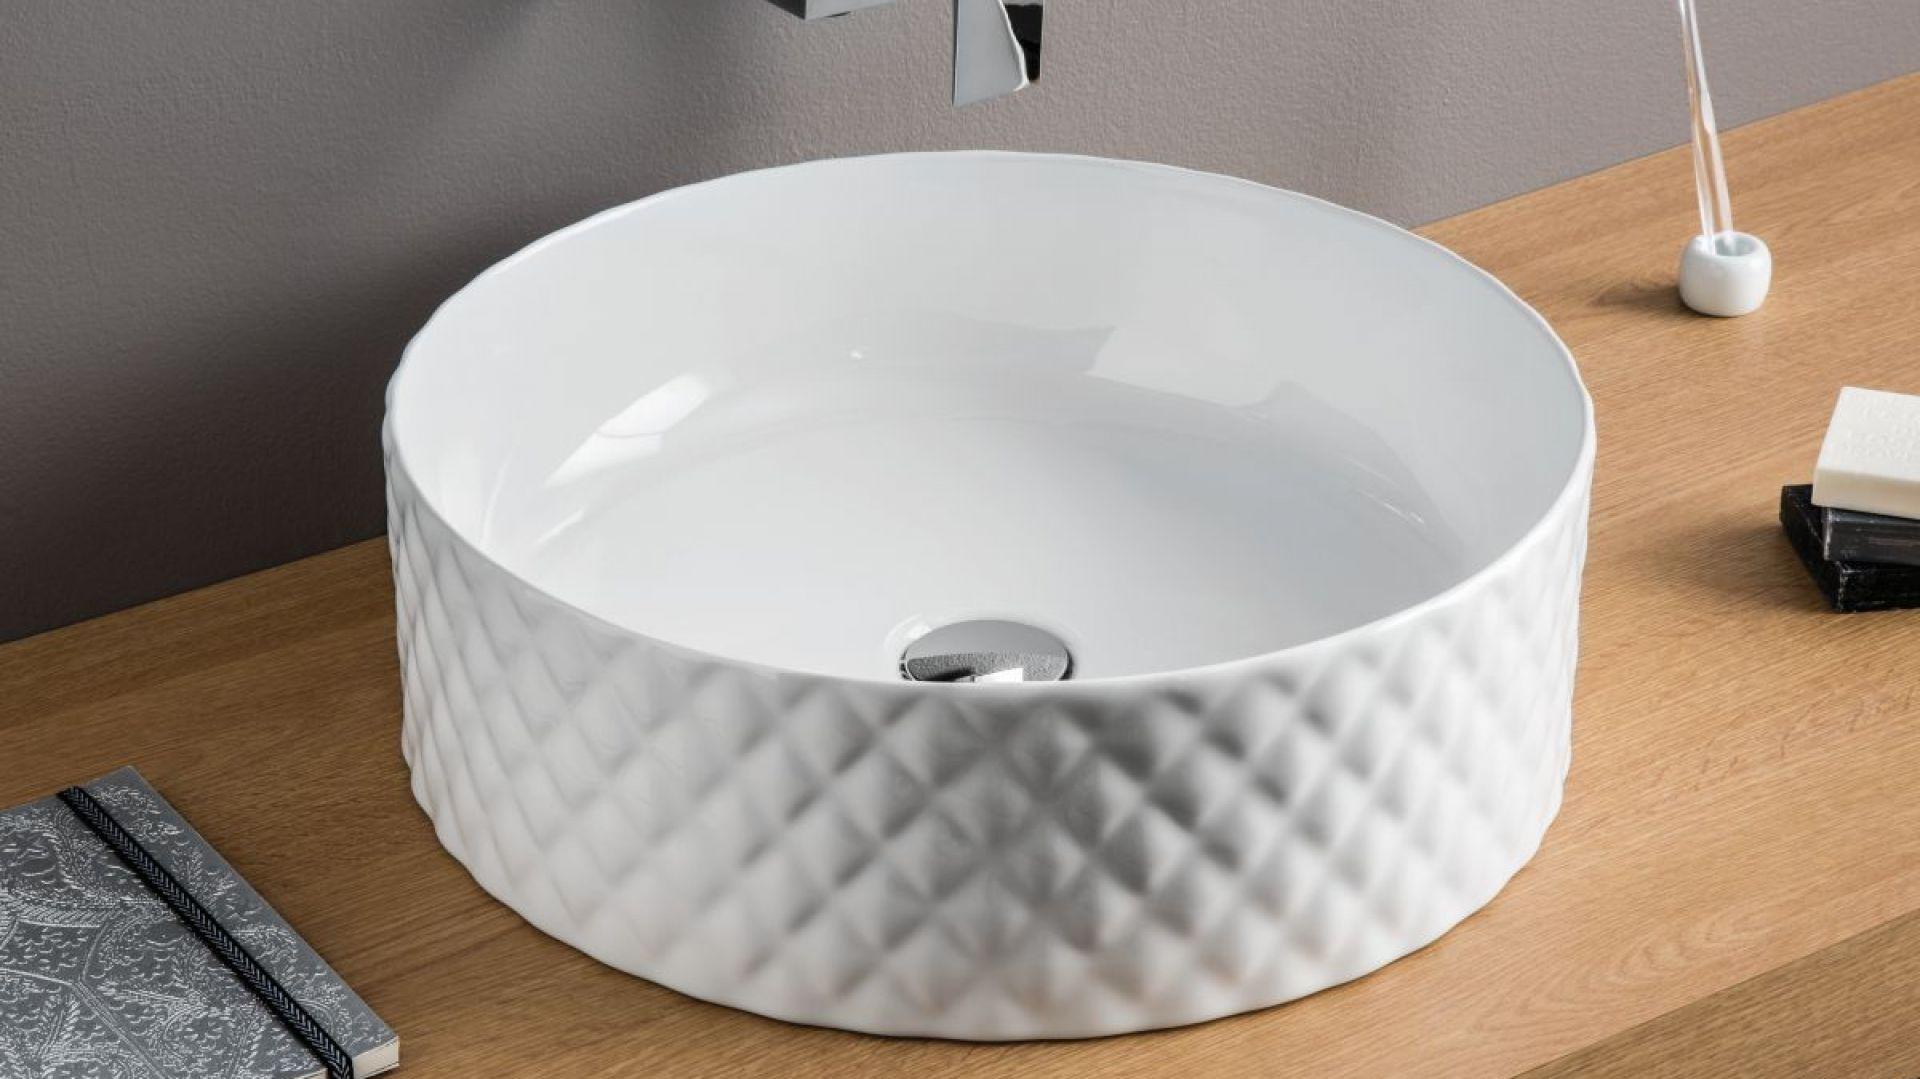 Designerska umywalka Rombo marki Artceram. Fot. Artceram